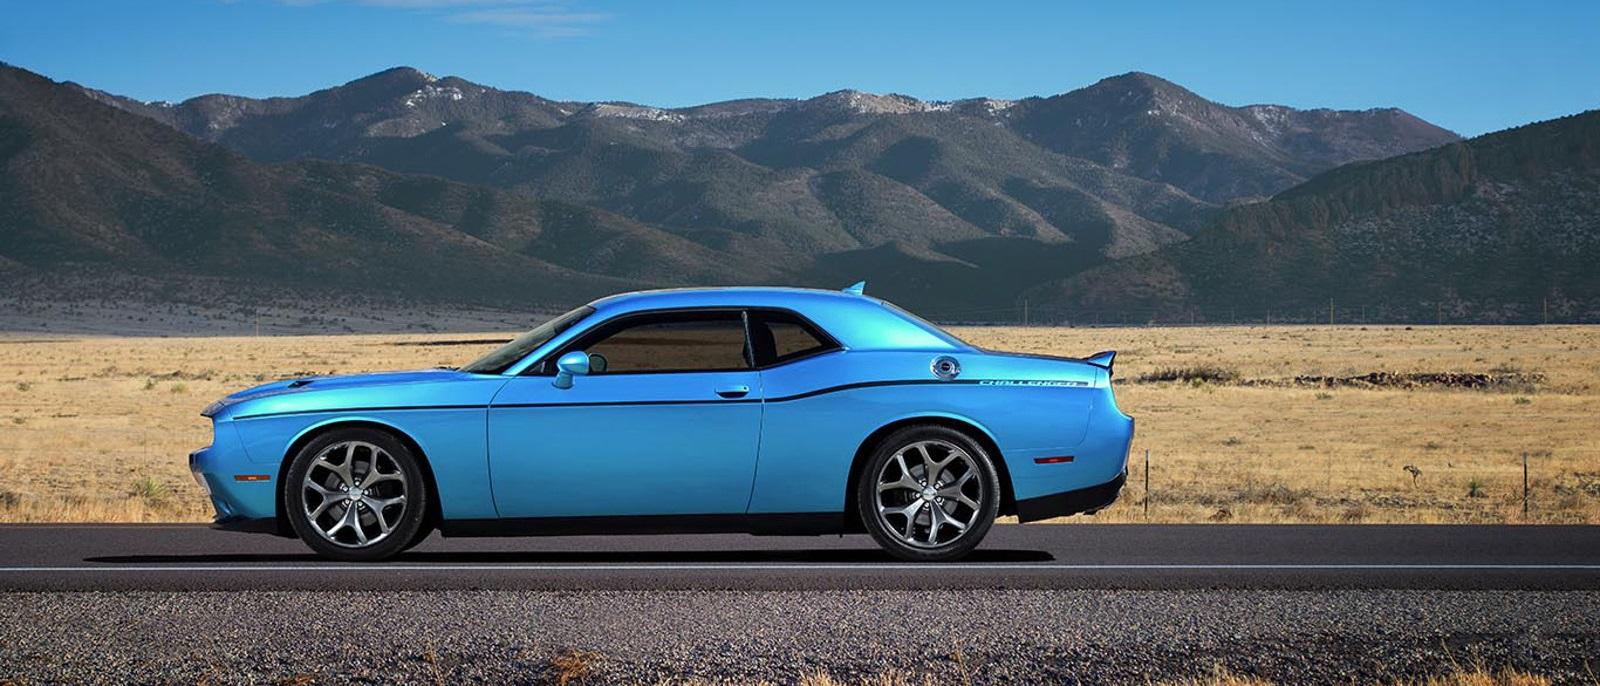 2015 Dodge Challenger Side